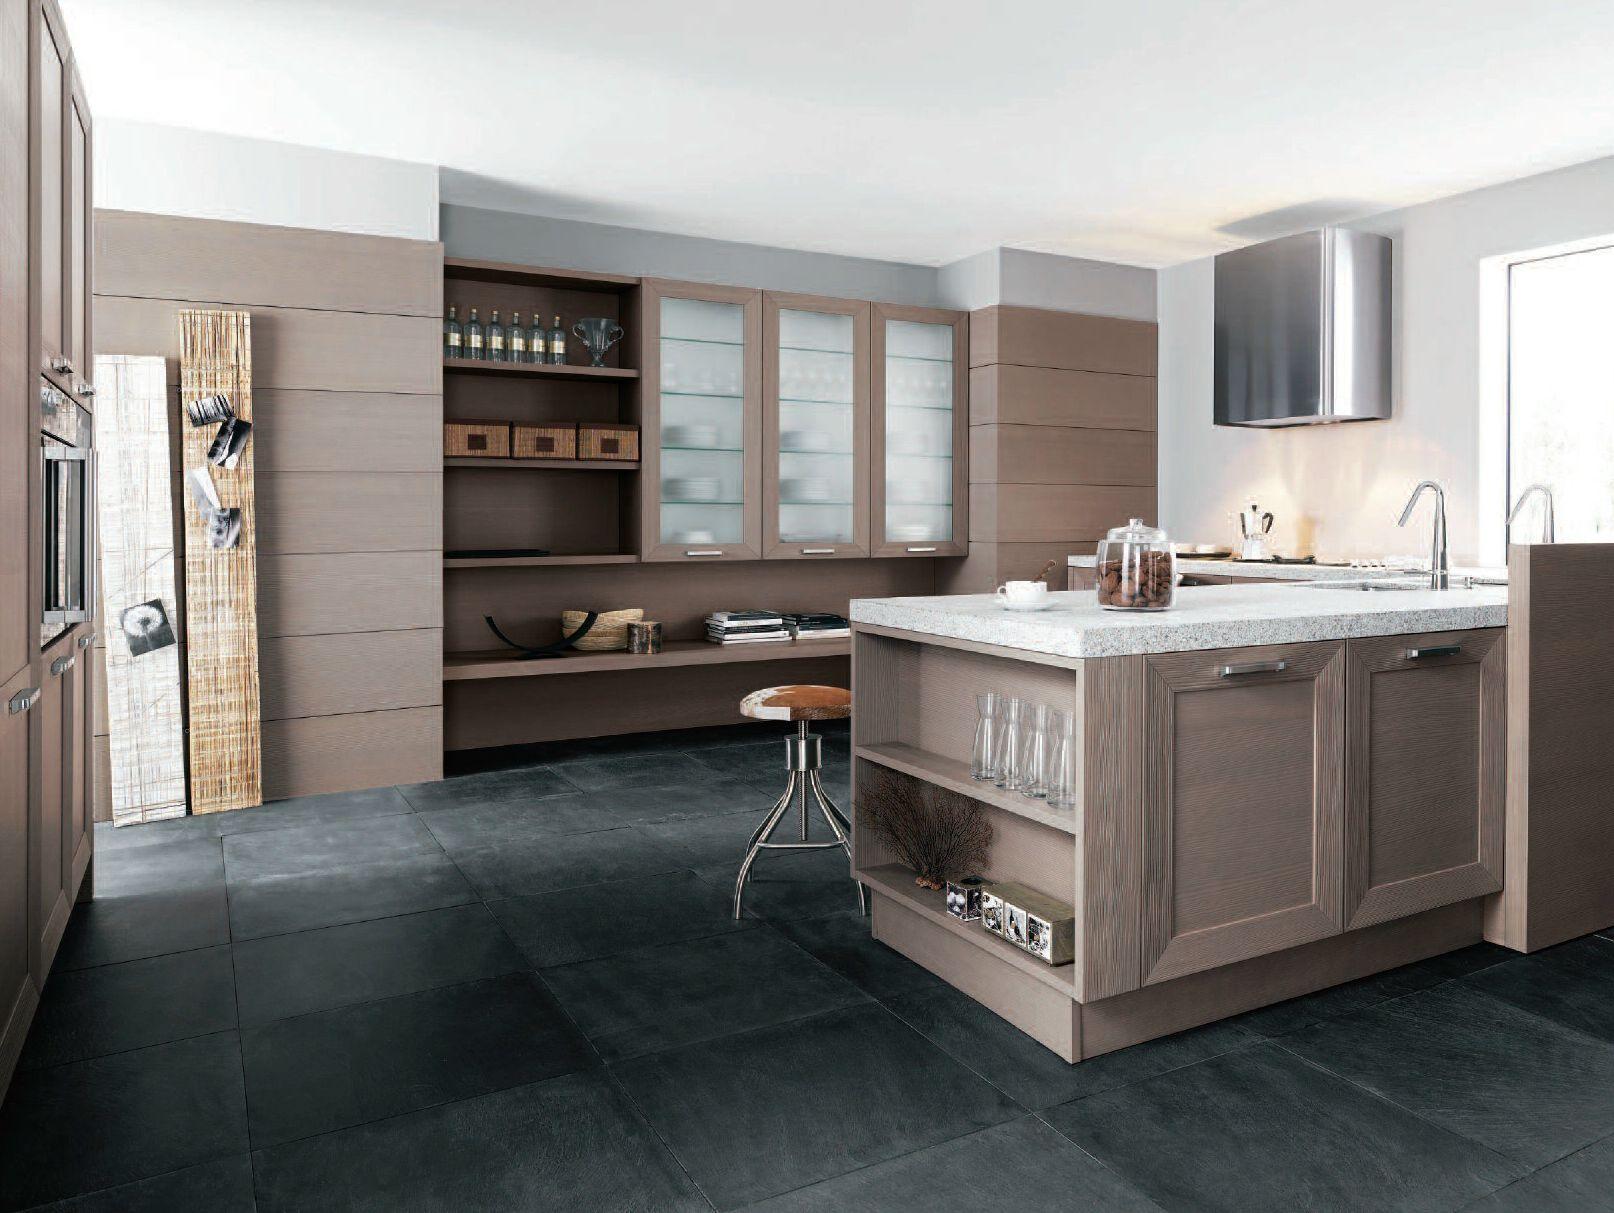 Cucina con penisola noa composizione 3 by cesar arredamenti design gian vittorio plazzogna - Cucina penisola ...